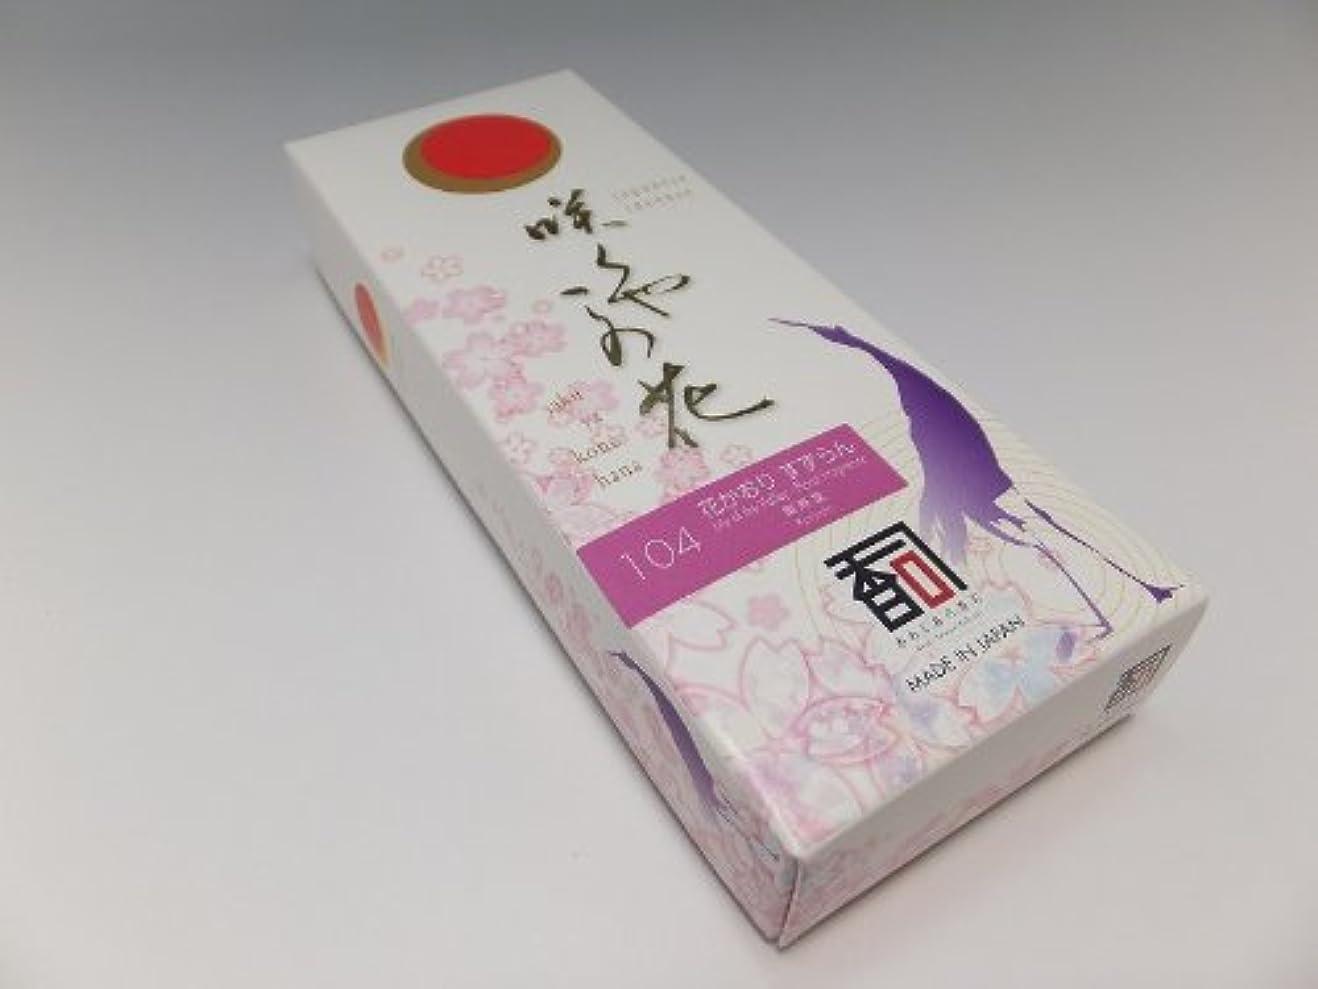 六おっとソース「あわじ島の香司」 日本の香りシリーズ  [咲くや この花] 【104】 花かおり すずらん (煙少)